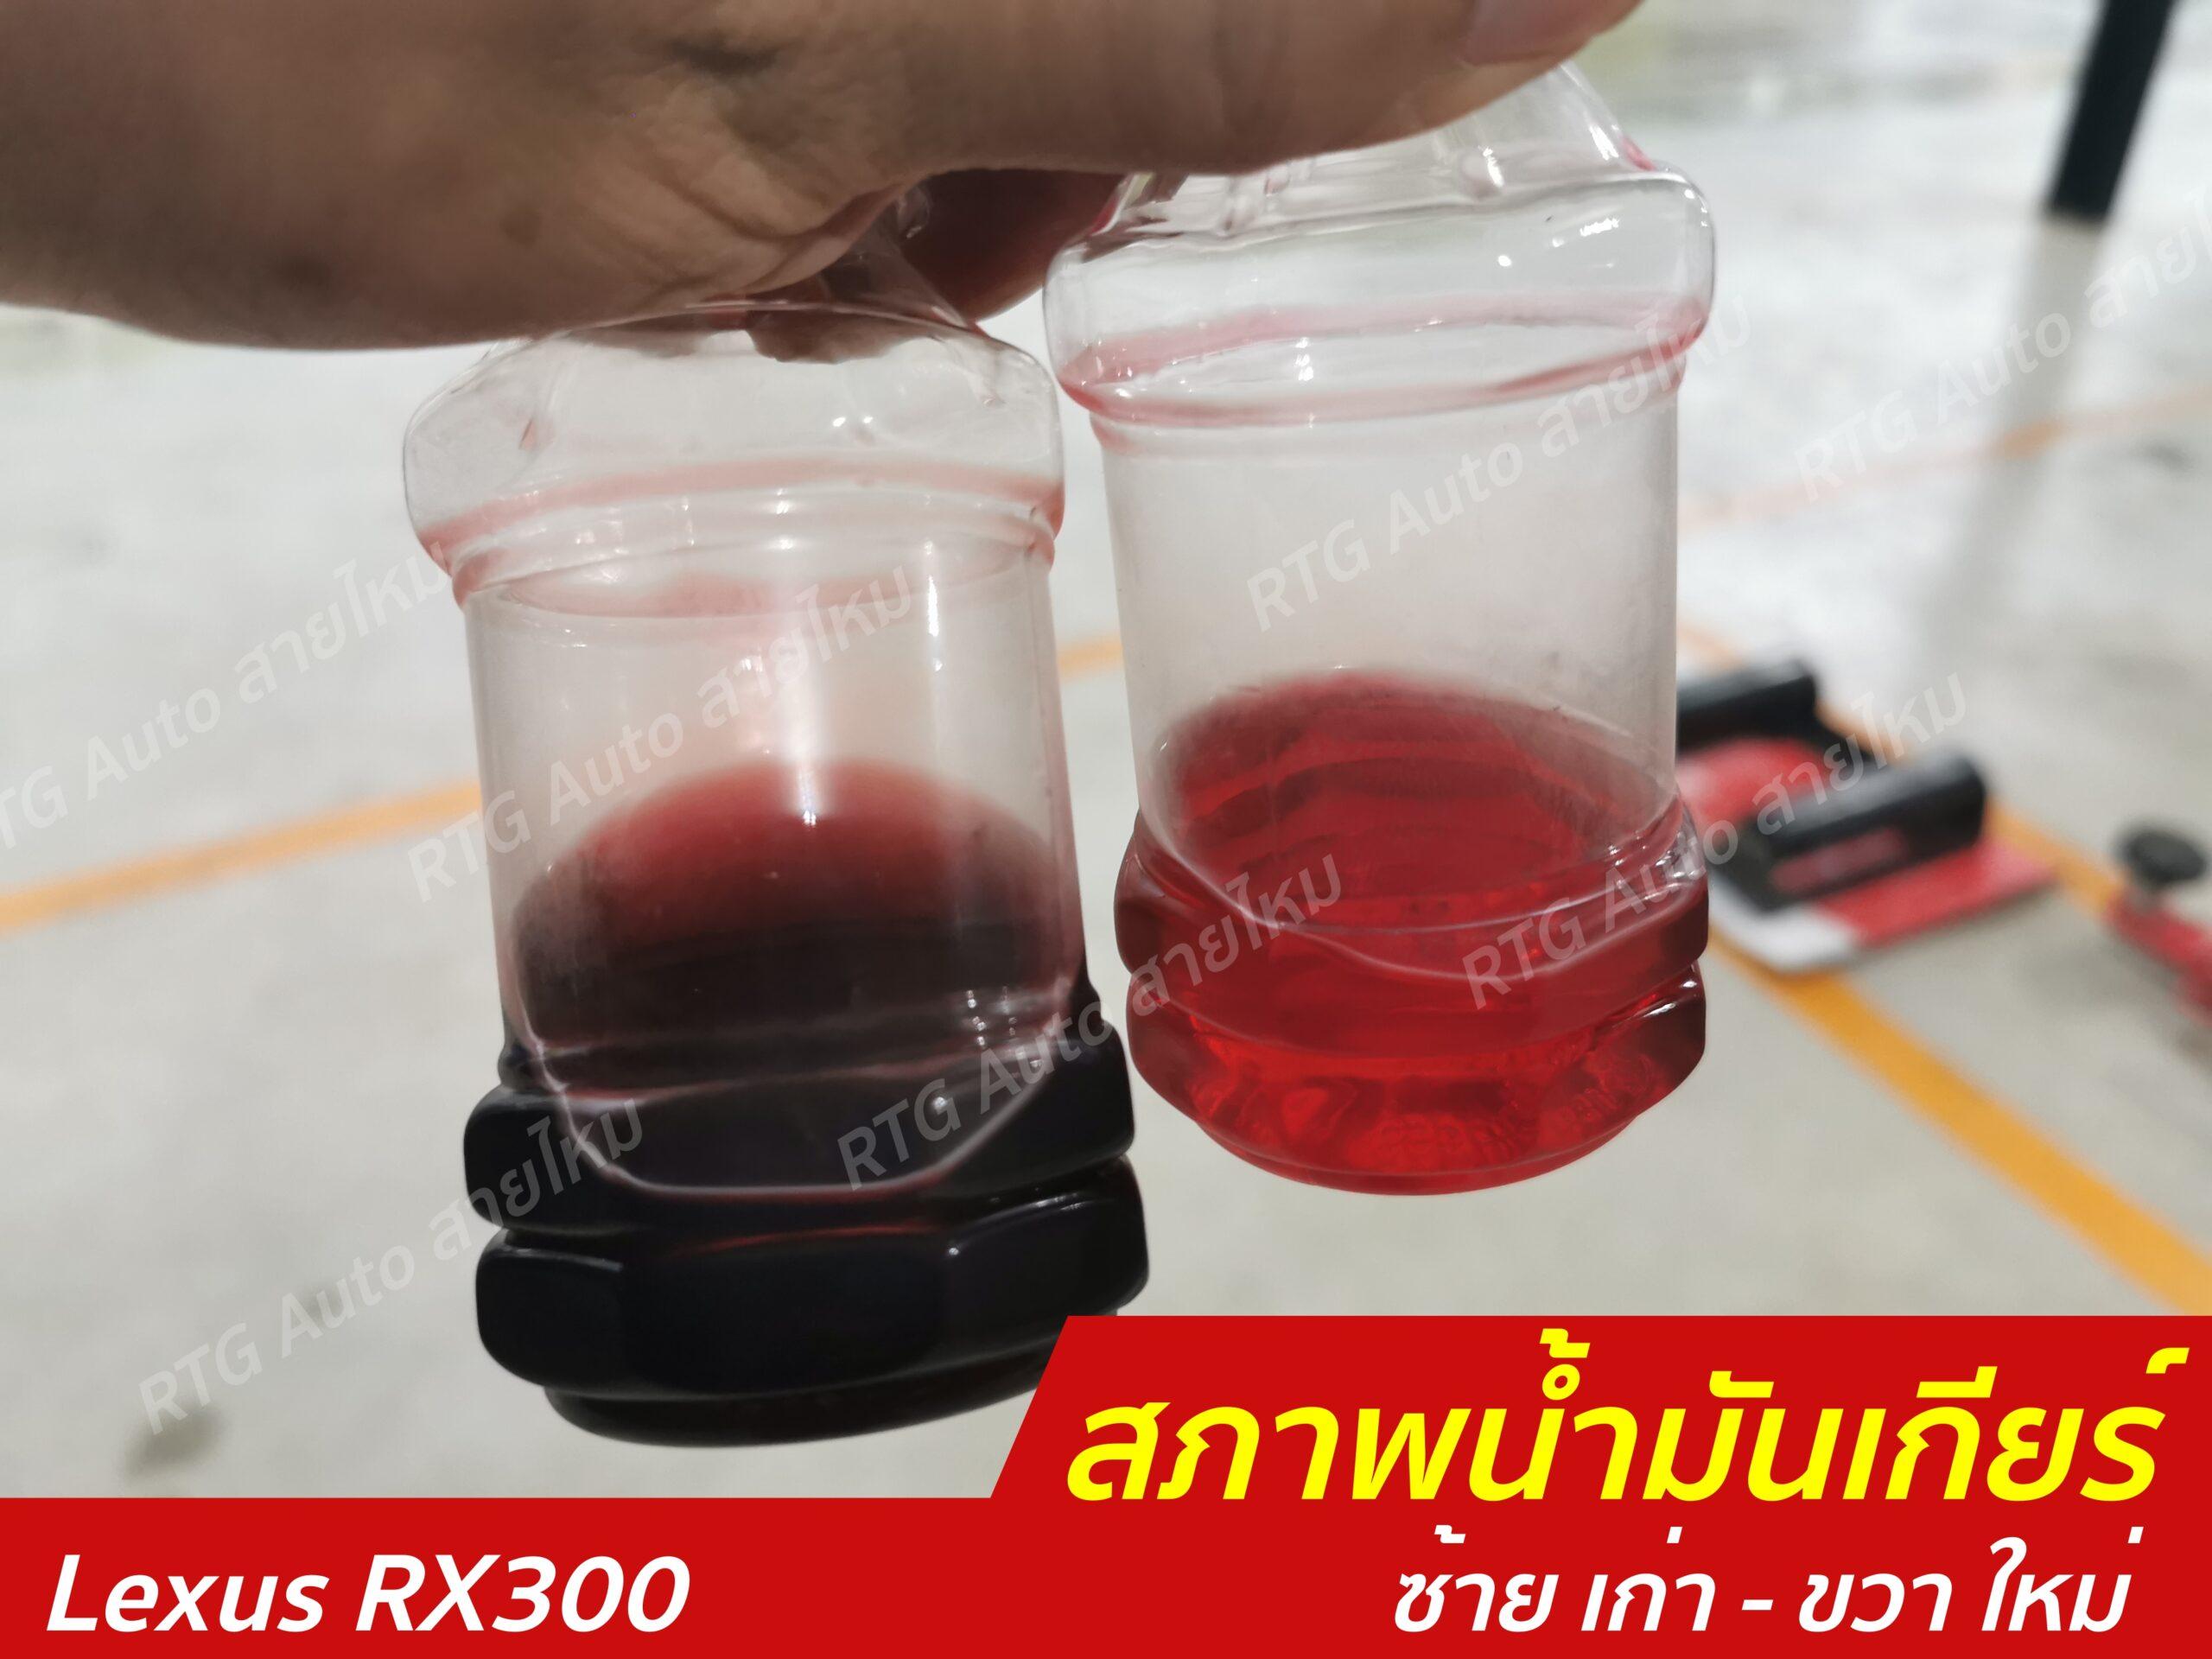 น้ำมันเกียร์เก่า เทียบกับ น้ำมันเกียร์ใหม่ ก่อนทำการฟรัชชิ่ง